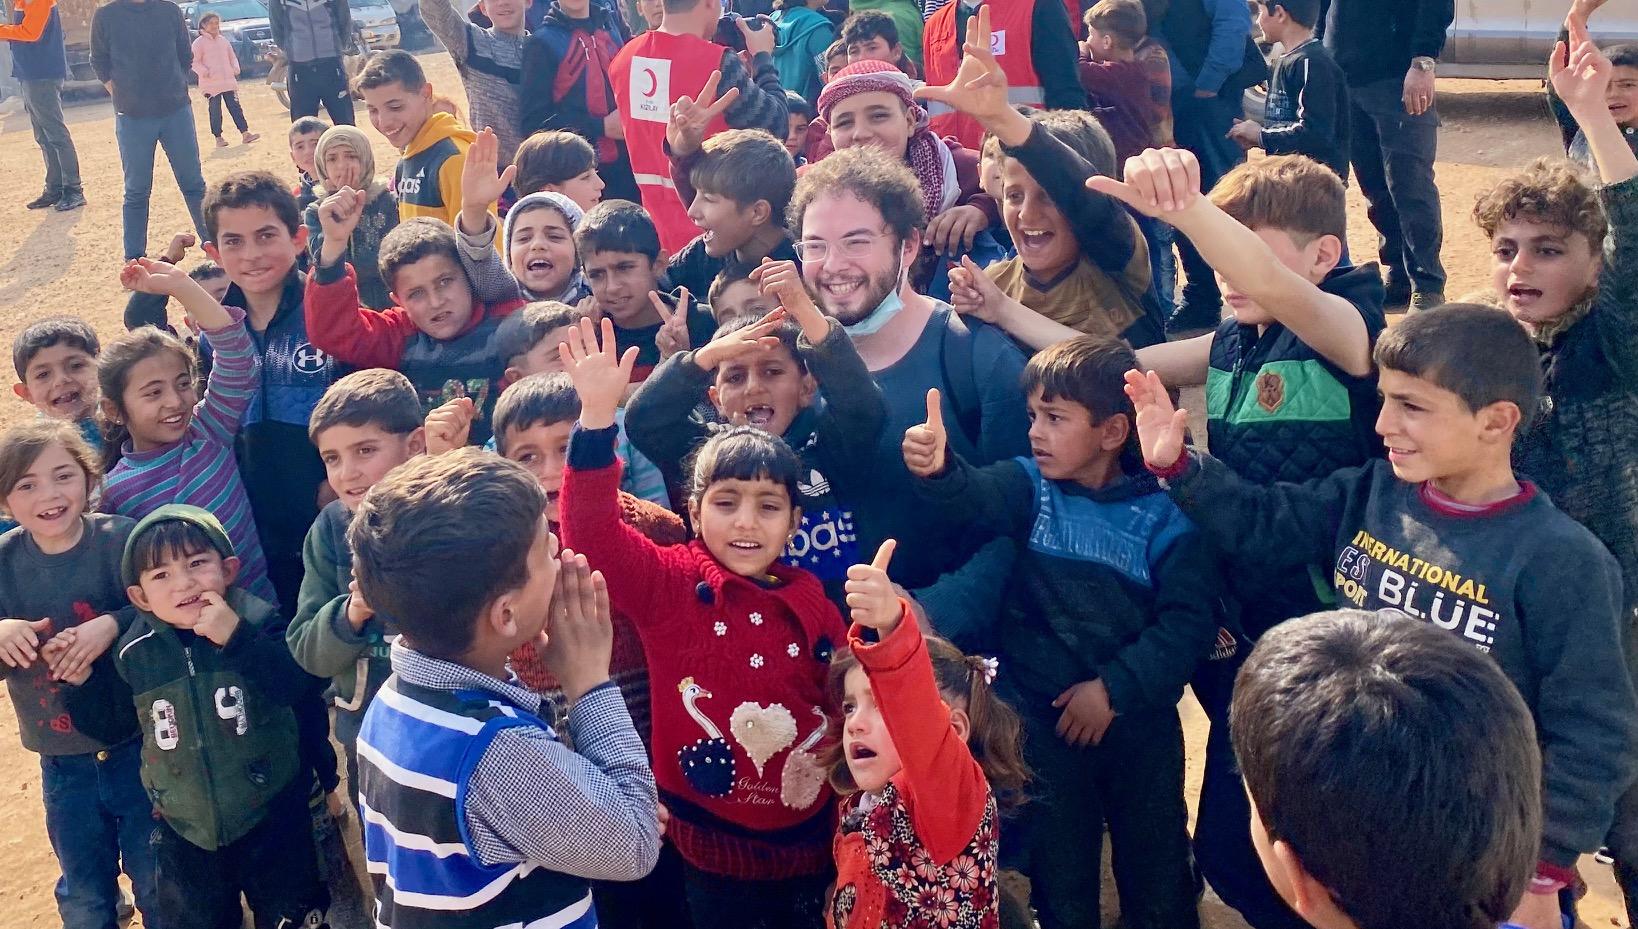 Αποστολή στο Idlib: Η ελπίδα και η επιθυμία για ζωή δίνει δύναμη στους πρόσφυγες (Μέρος Β')